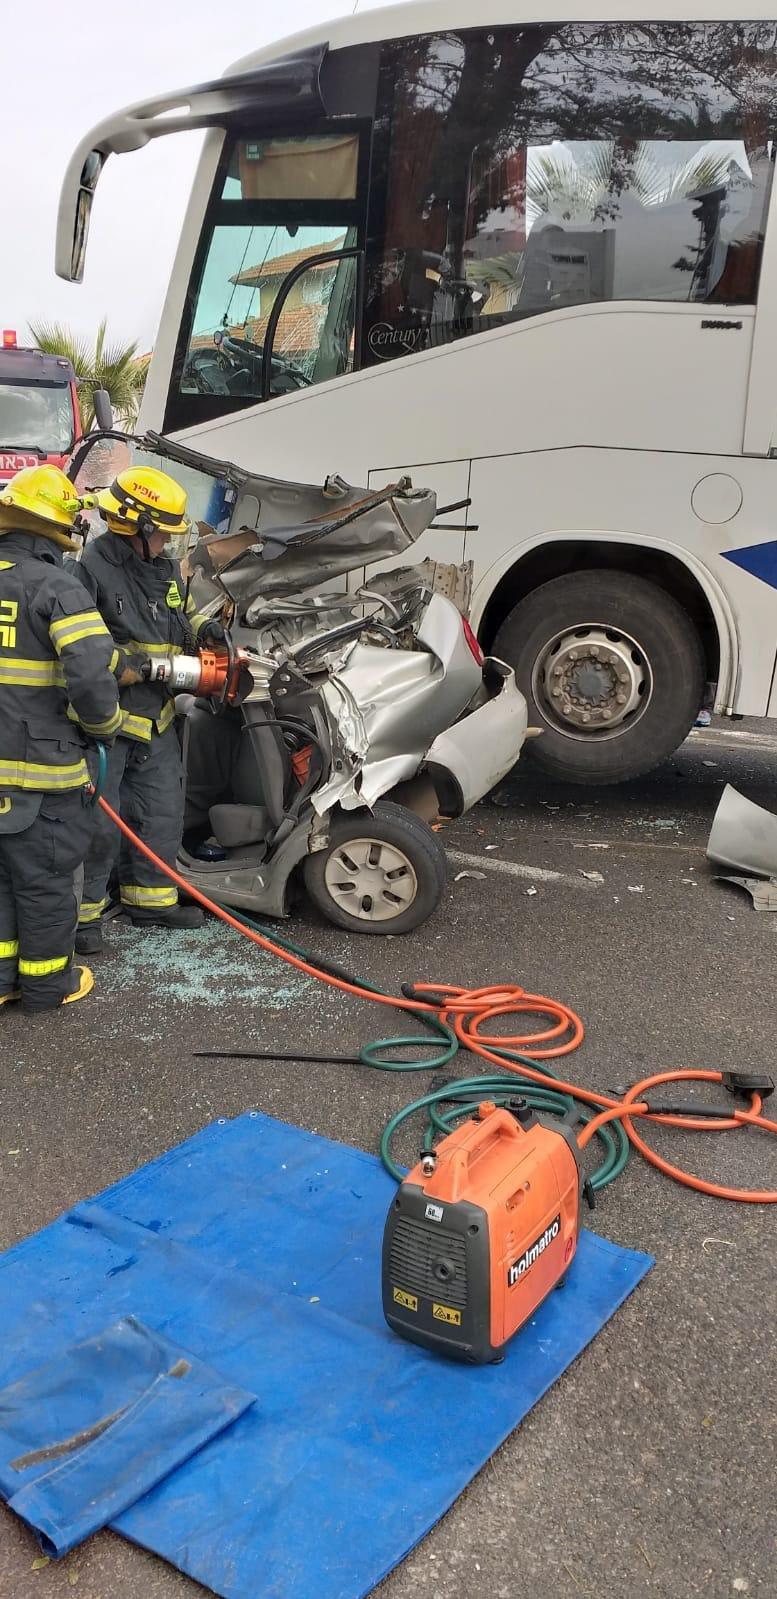 حوادث طرق مروعة صباح اليوم، قرب مستشفى نهاريا وفي منطقة القدس